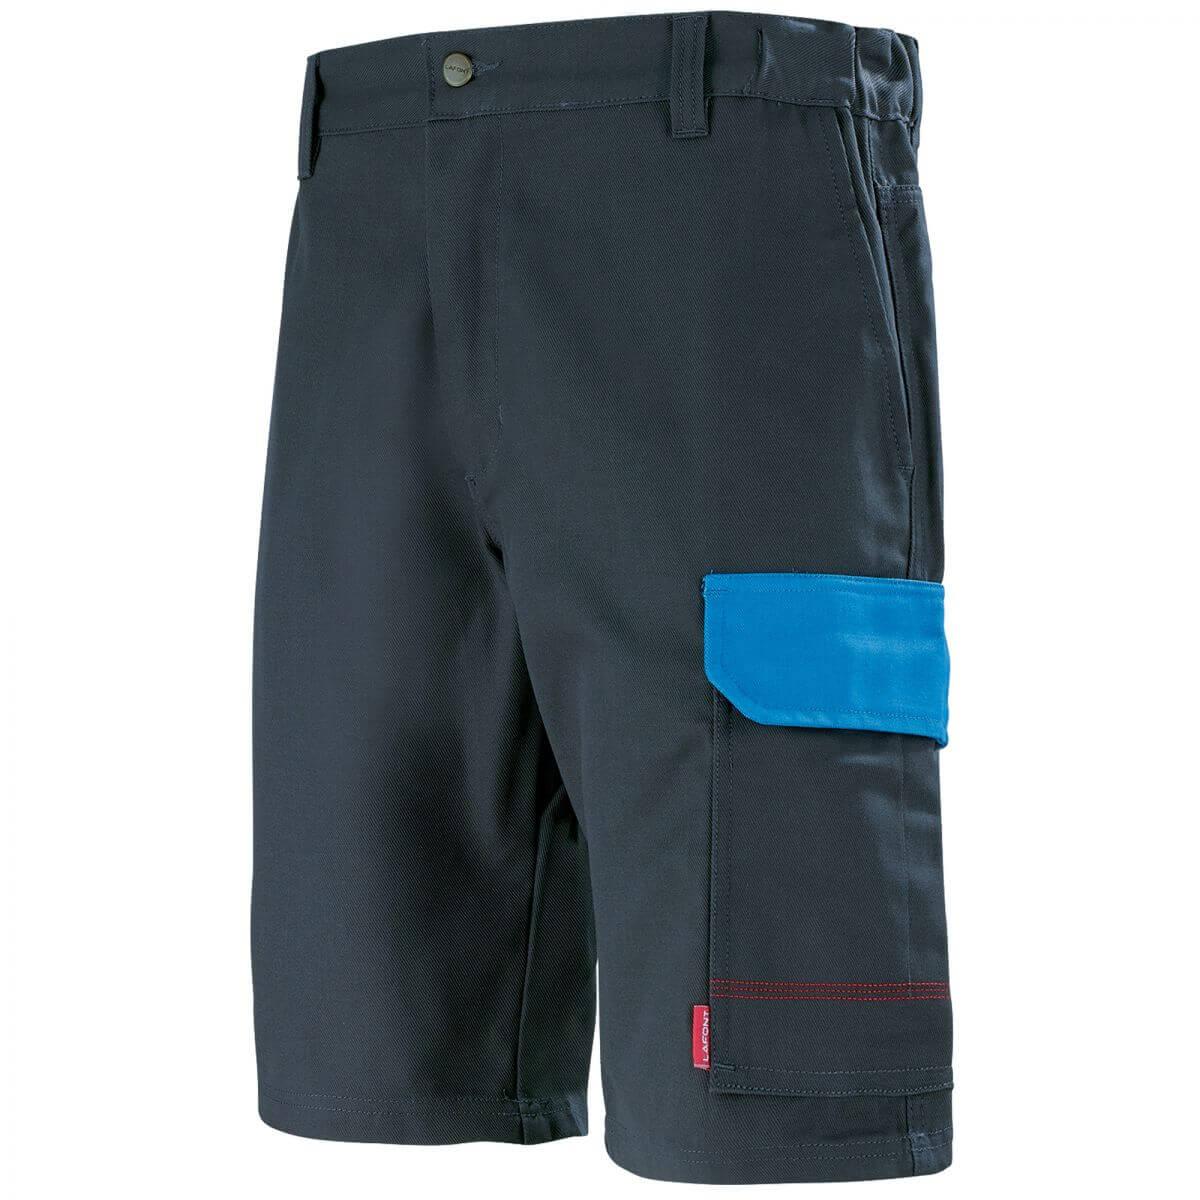 Short de travail pour homme gris charbon et bleu azur short de travail - Short de travail homme ...